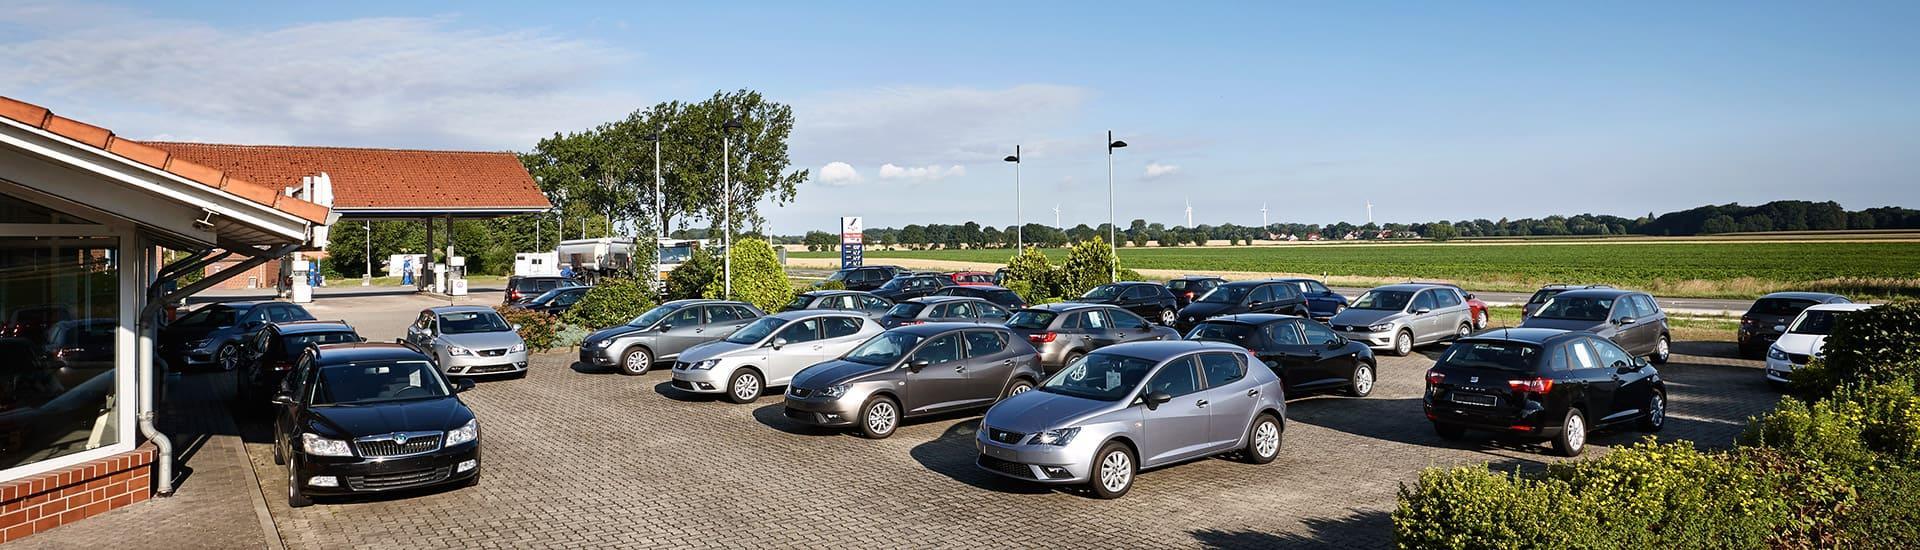 Autohaus Möller: EU-Autohandel in Niedersachsen